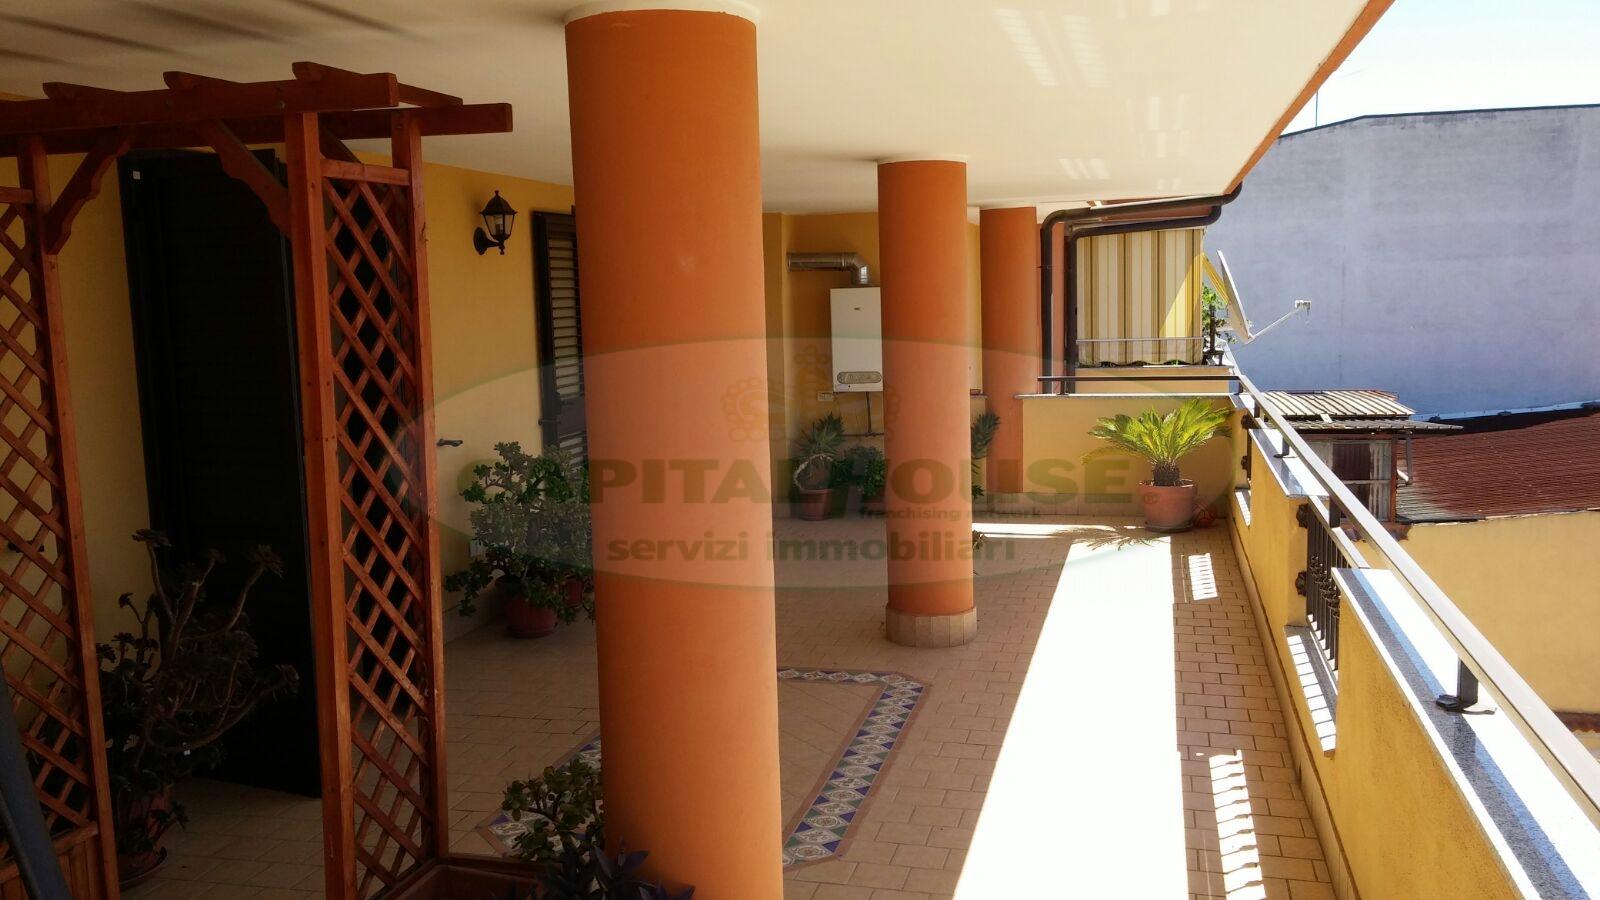 Appartamento in vendita a Portico di Caserta, 3 locali, prezzo € 139.000 | Cambio Casa.it